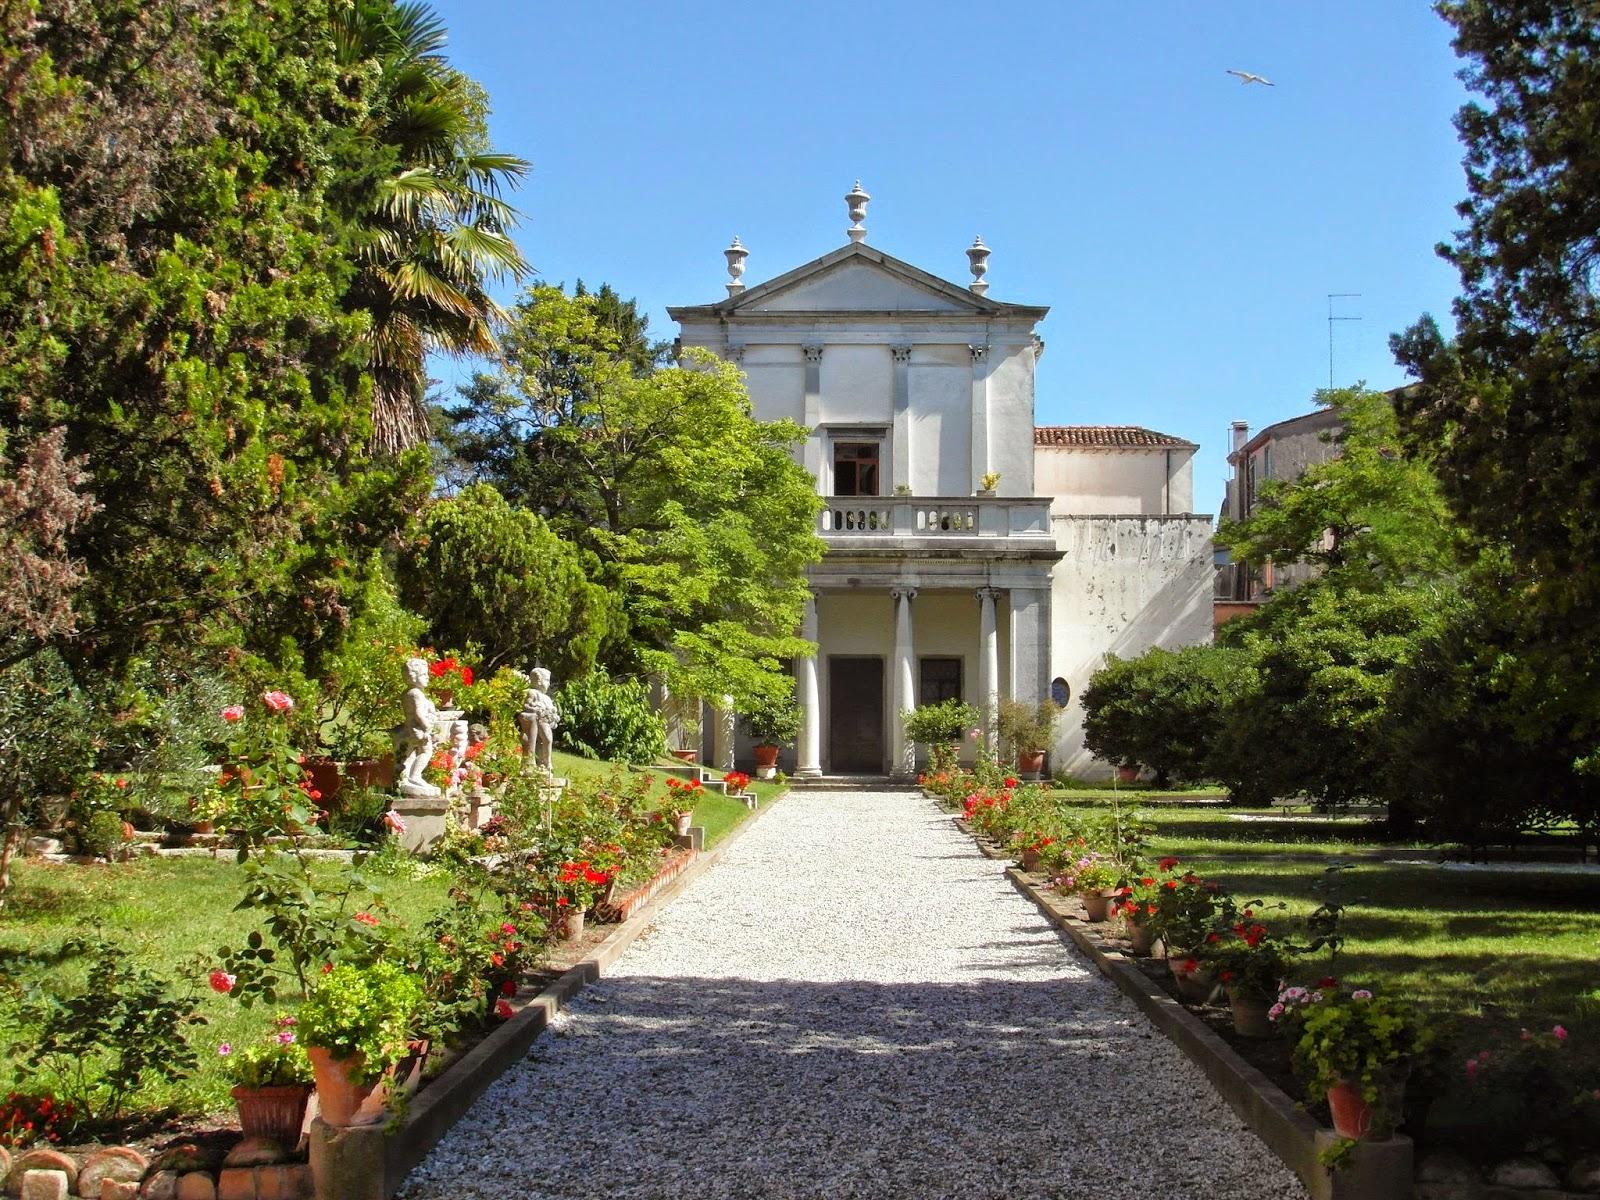 The garden of the Ca' Zenobio in Venice